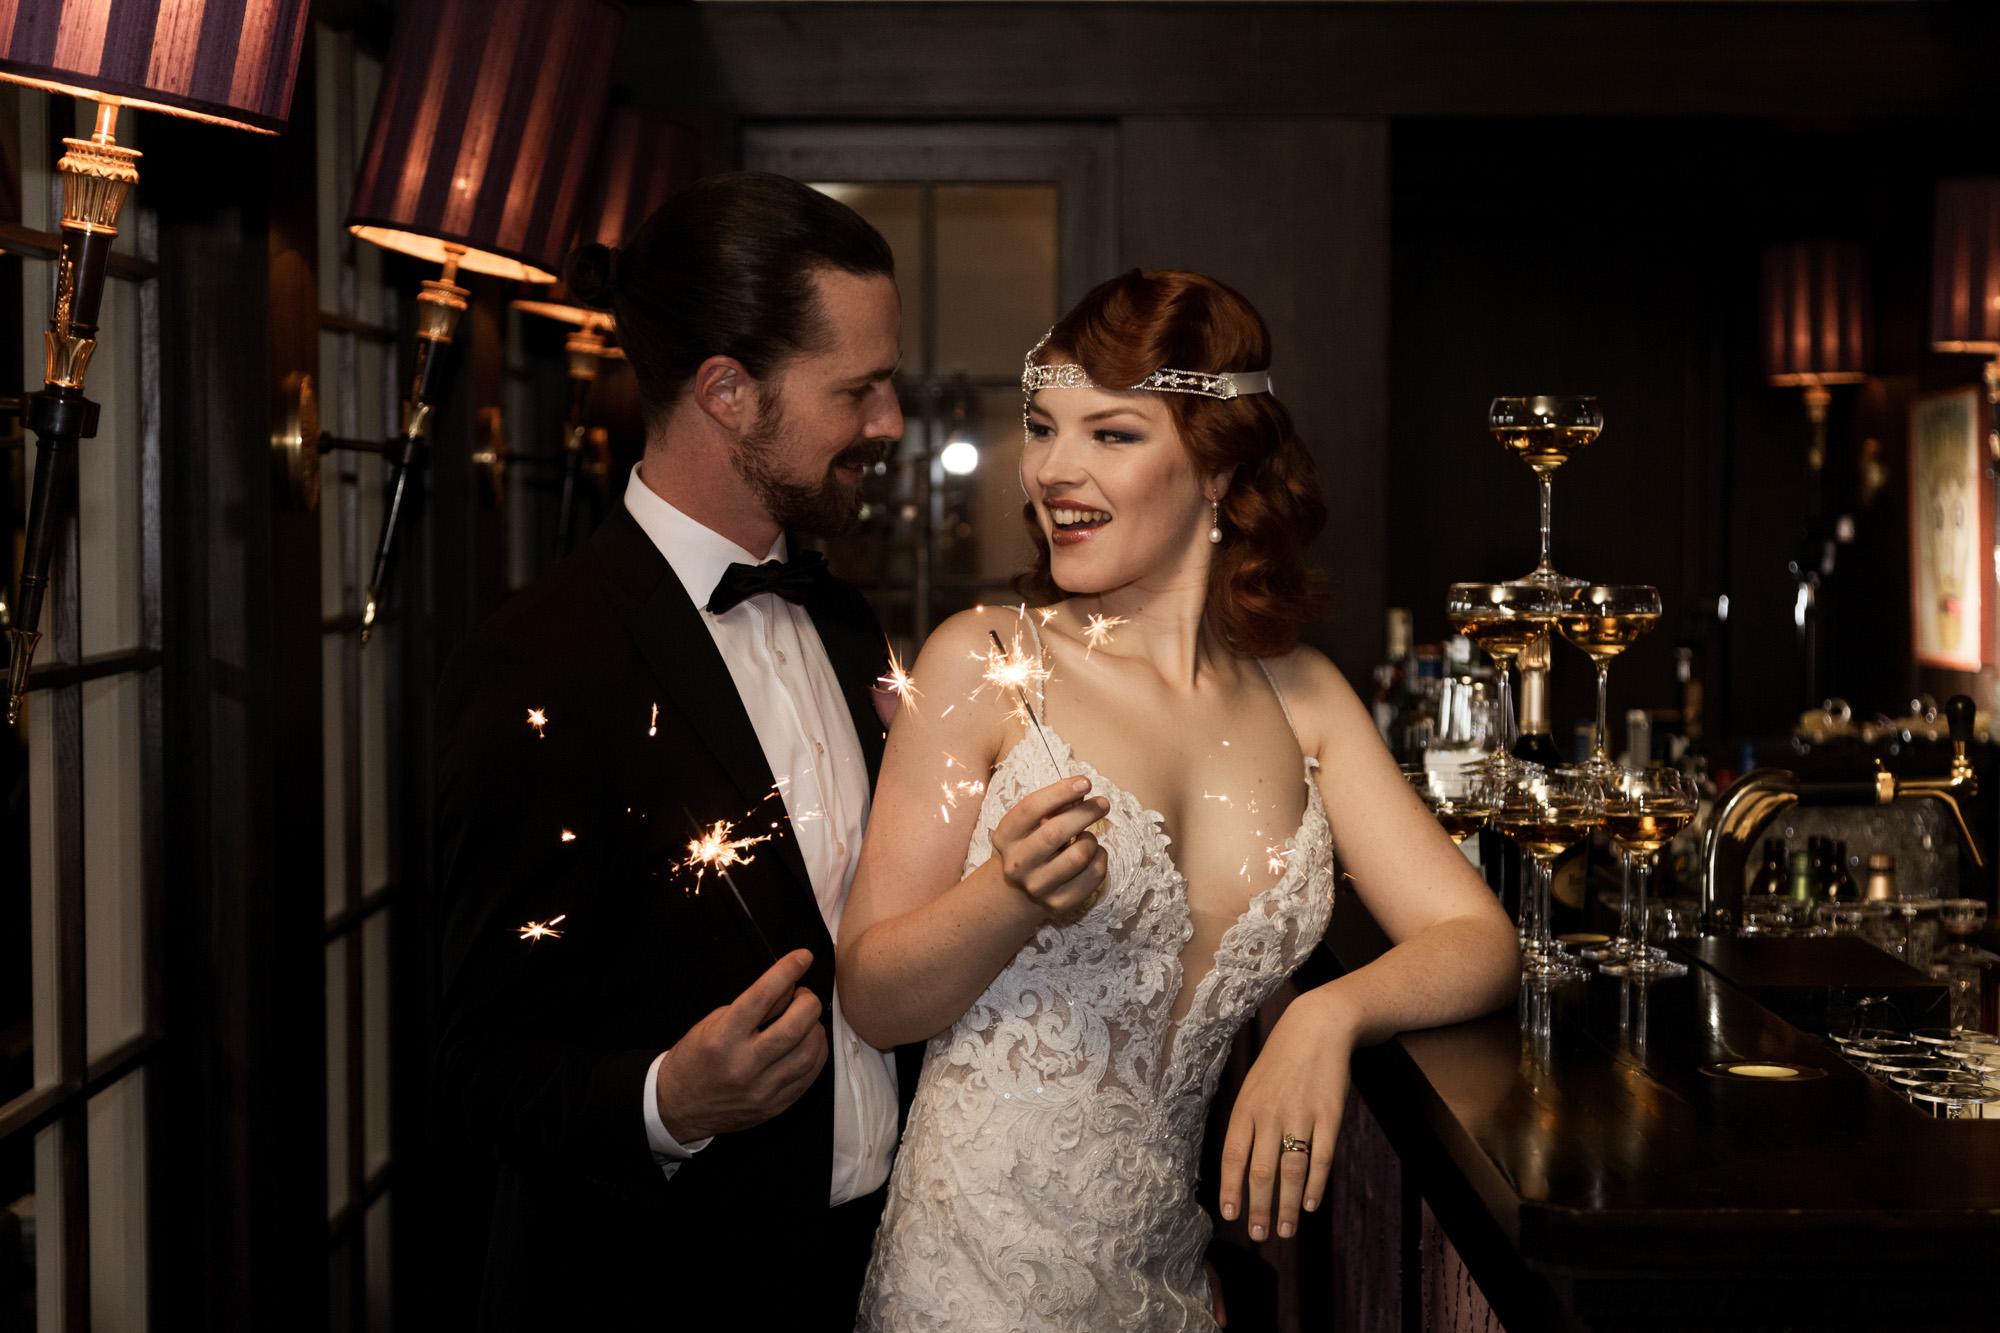 Hochzeit im Grand Hotel Les Trois Rois Basel - Die Braut und der Bräutigam mit Wunderkerzen